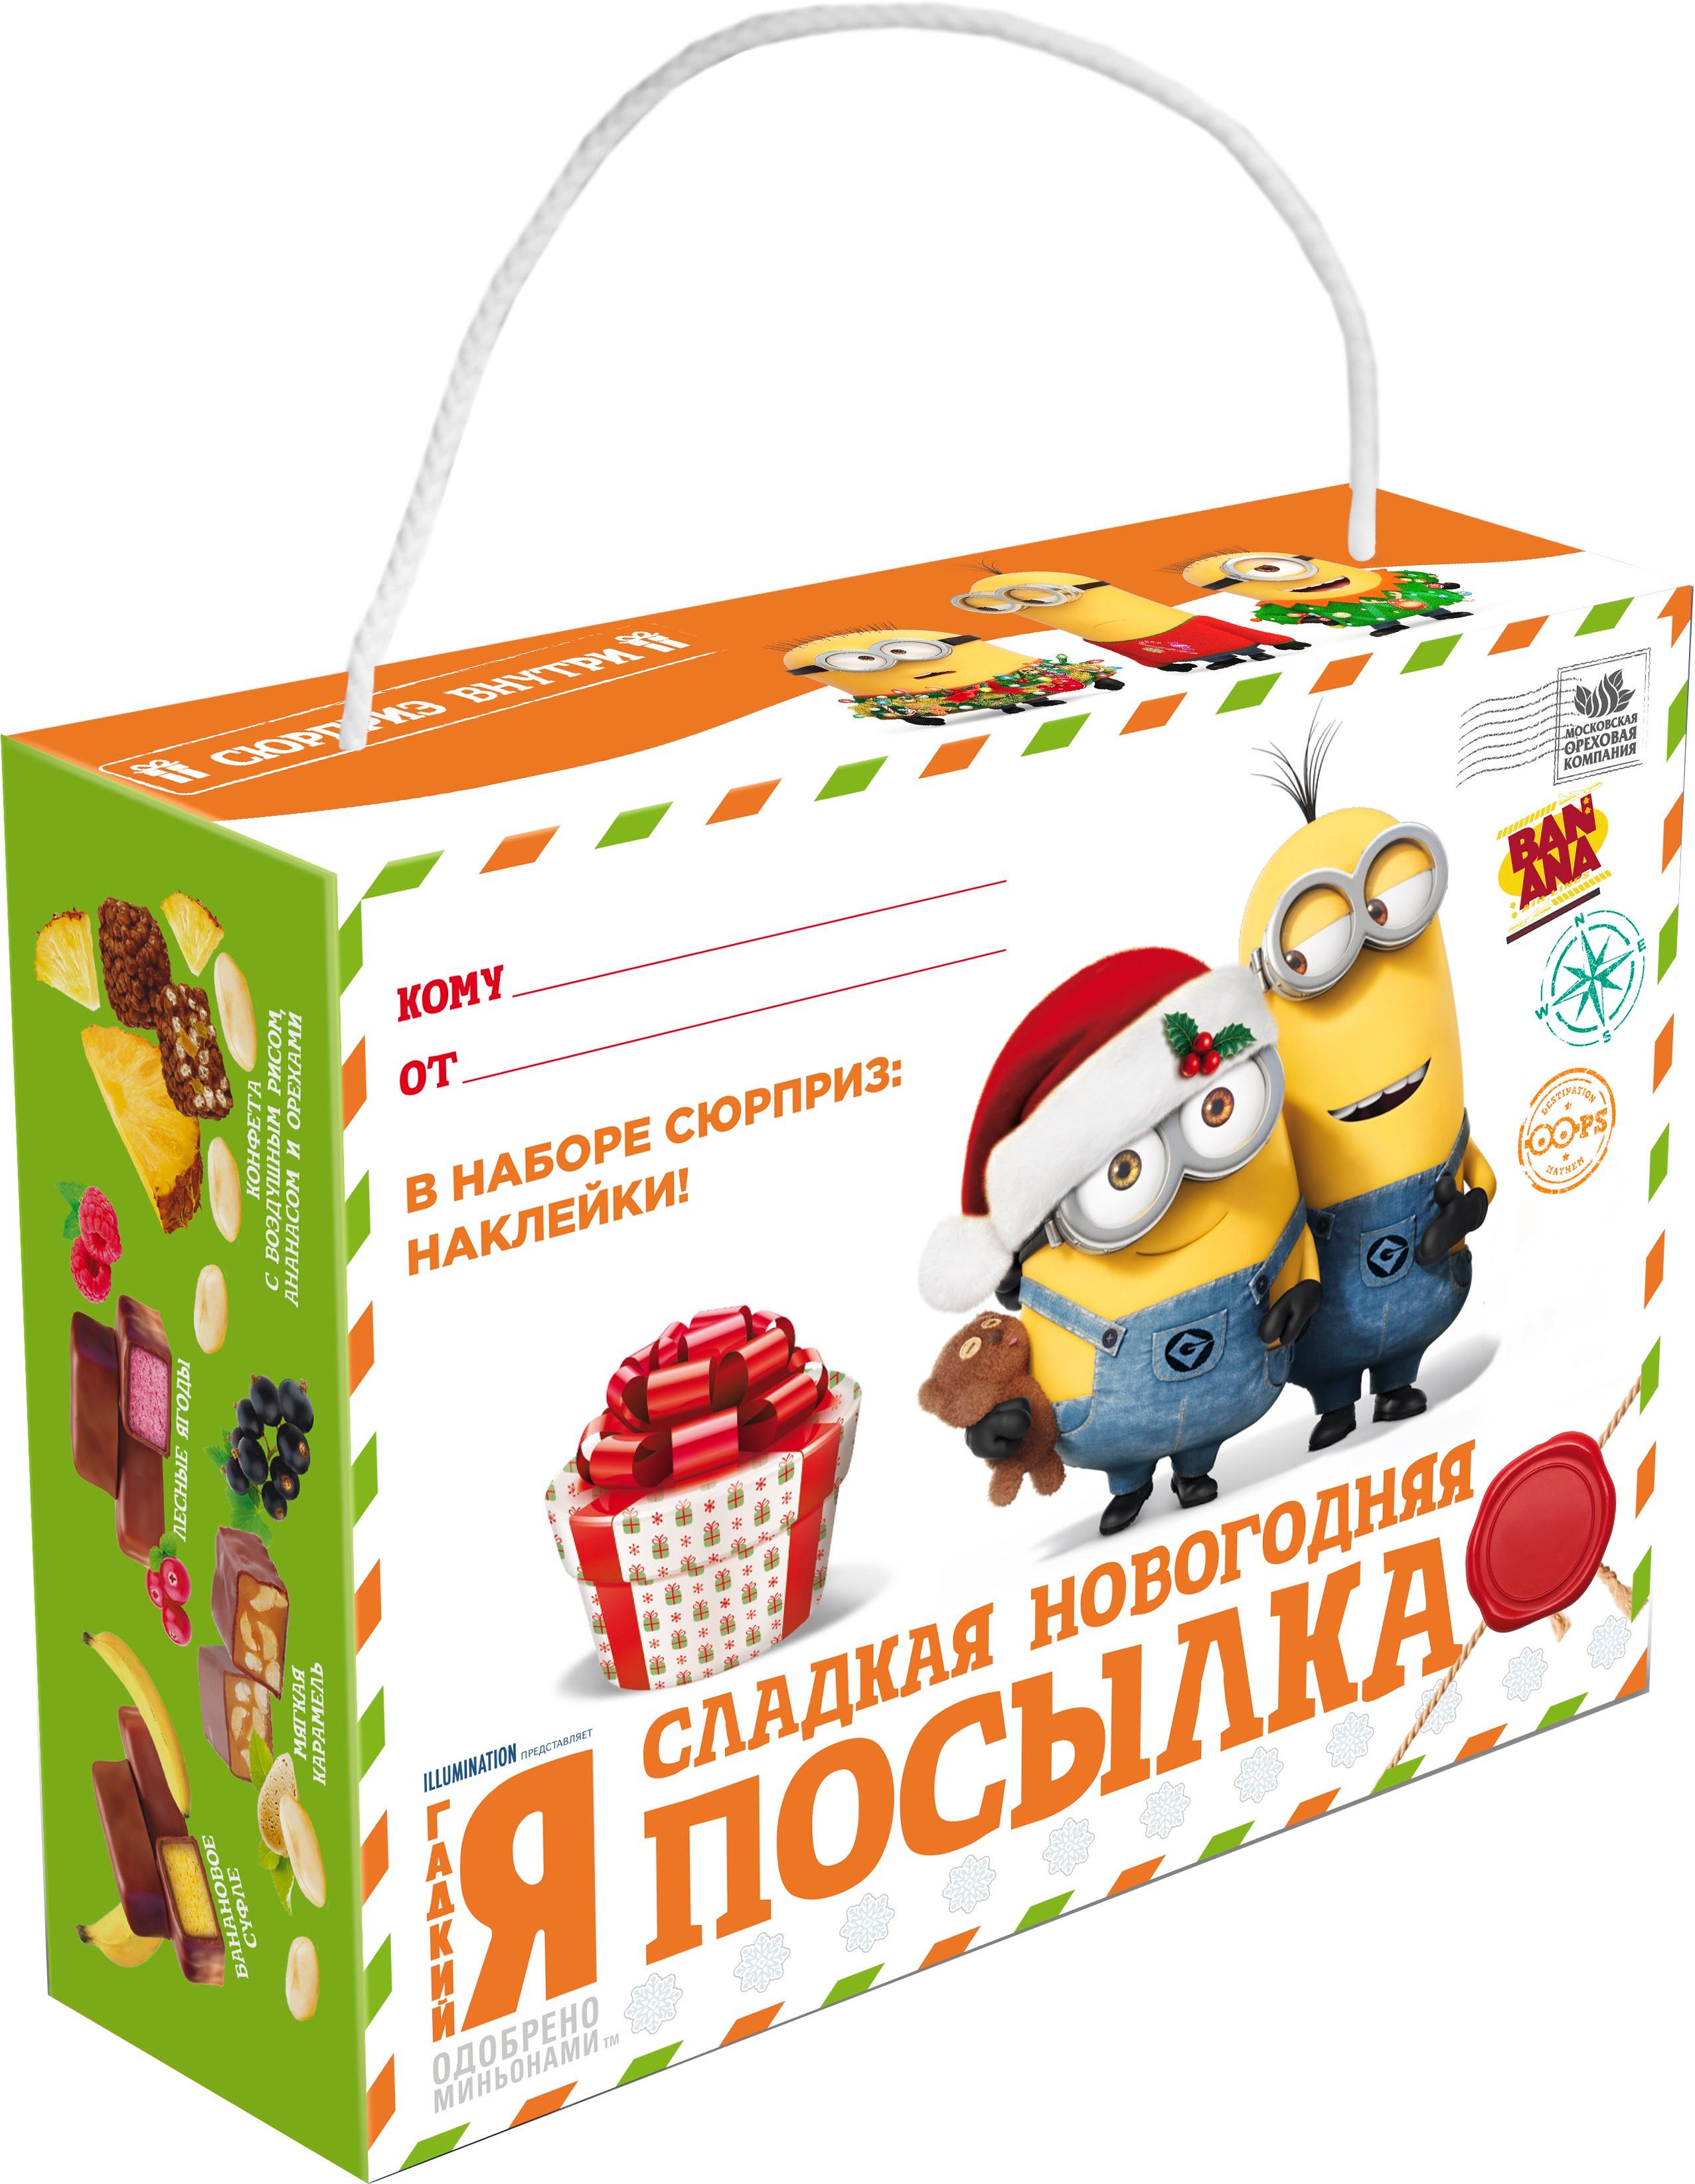 Десерты Капля Радуги Капля Радуги подарочный с сюрпризом 330 г